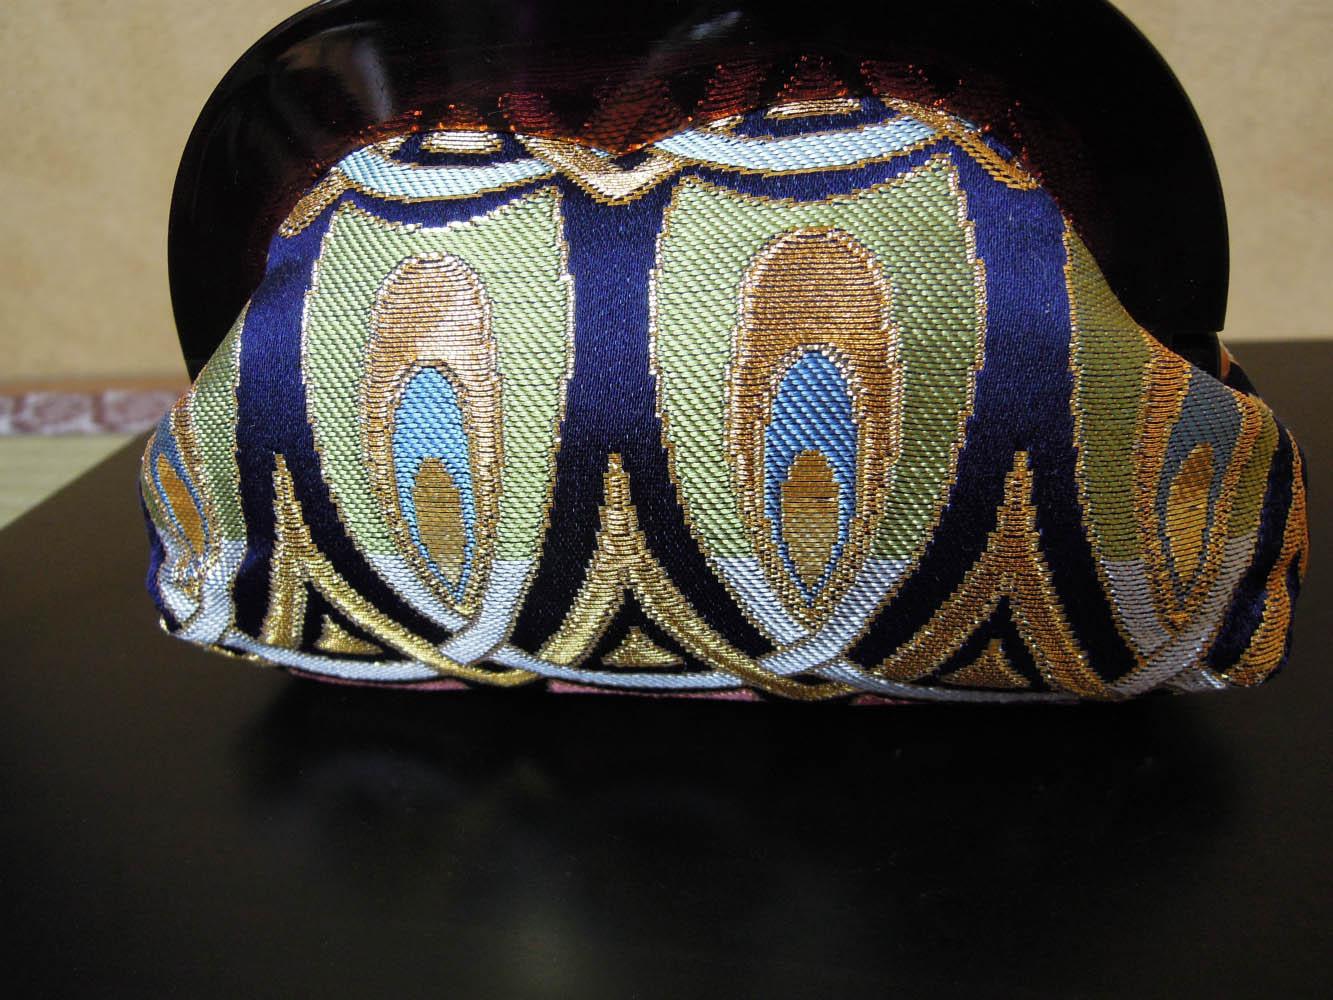 西陣金襴正絹 羽重ね紋様 プラスティックがま口バッグ 背面 小